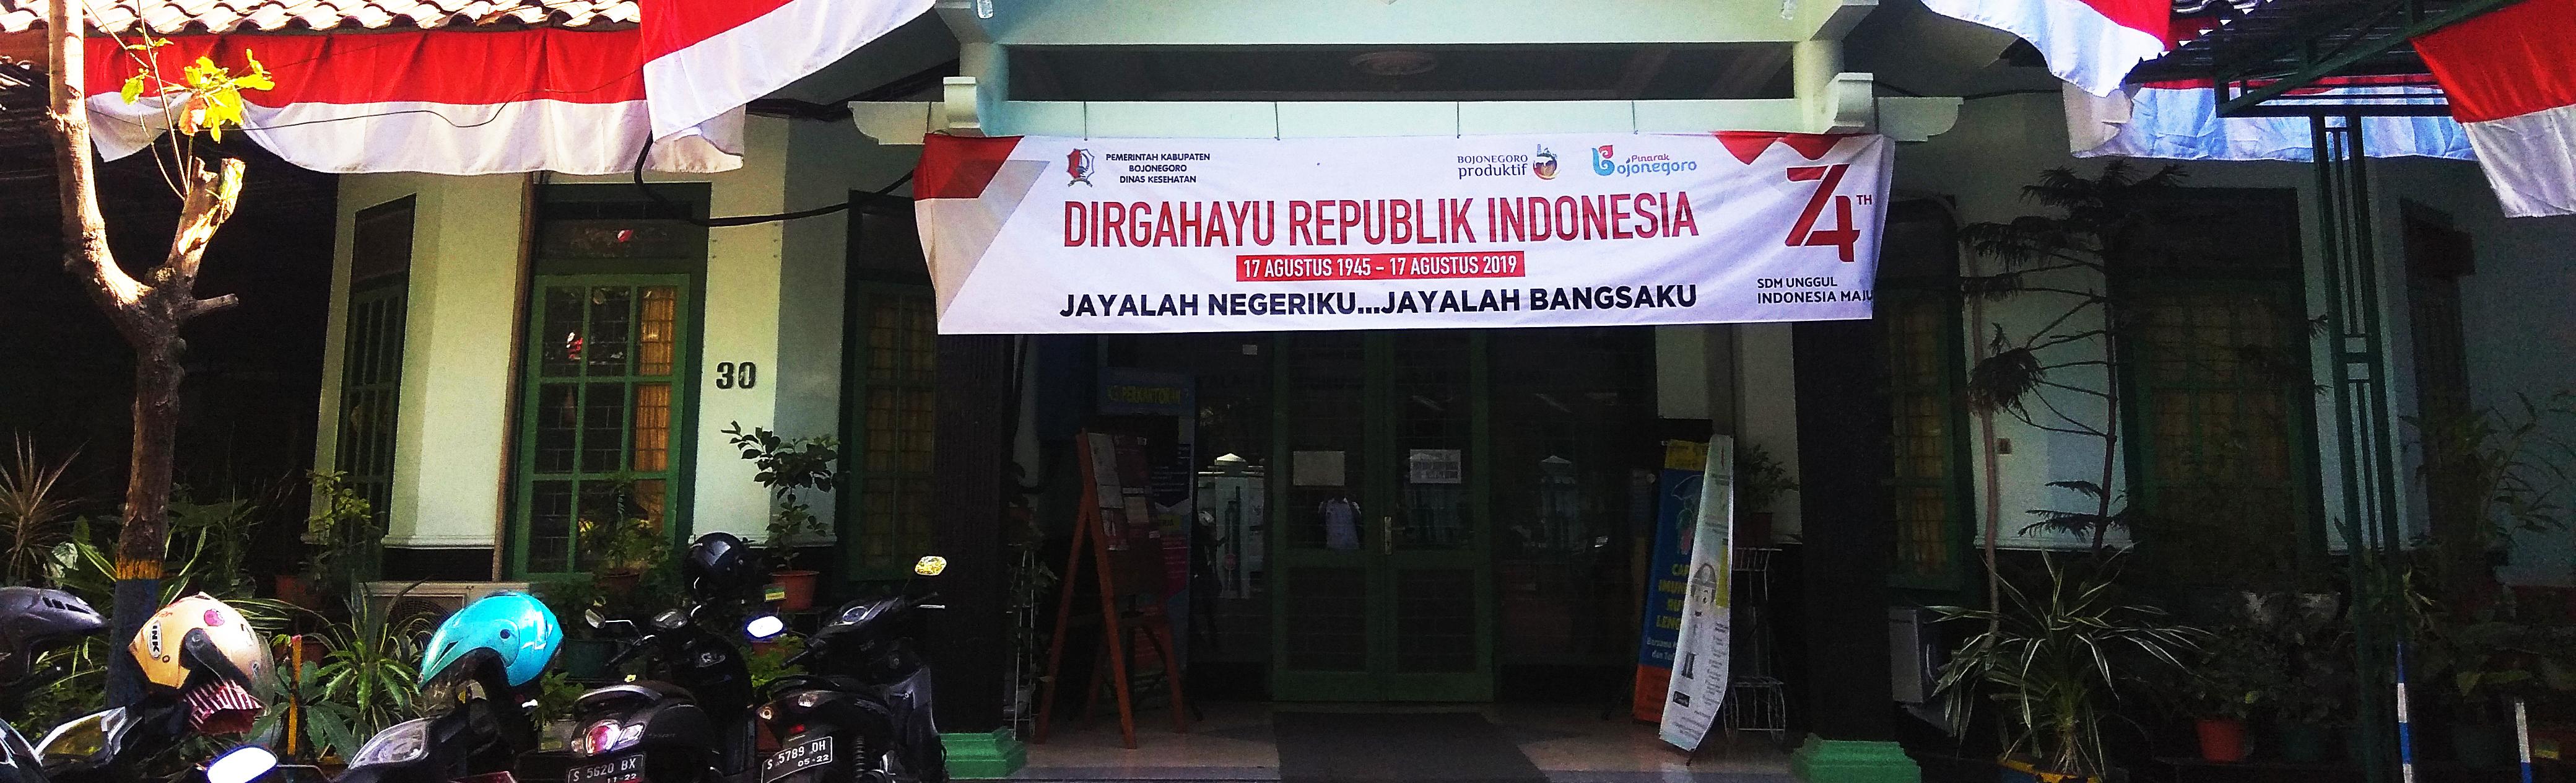 Selamat datang di Website Resmi Dinas Kesehatan Kab. Bojonegoro<BR>Jl. P. Sudirman No. 30 Bojonegoro (0353) 881350